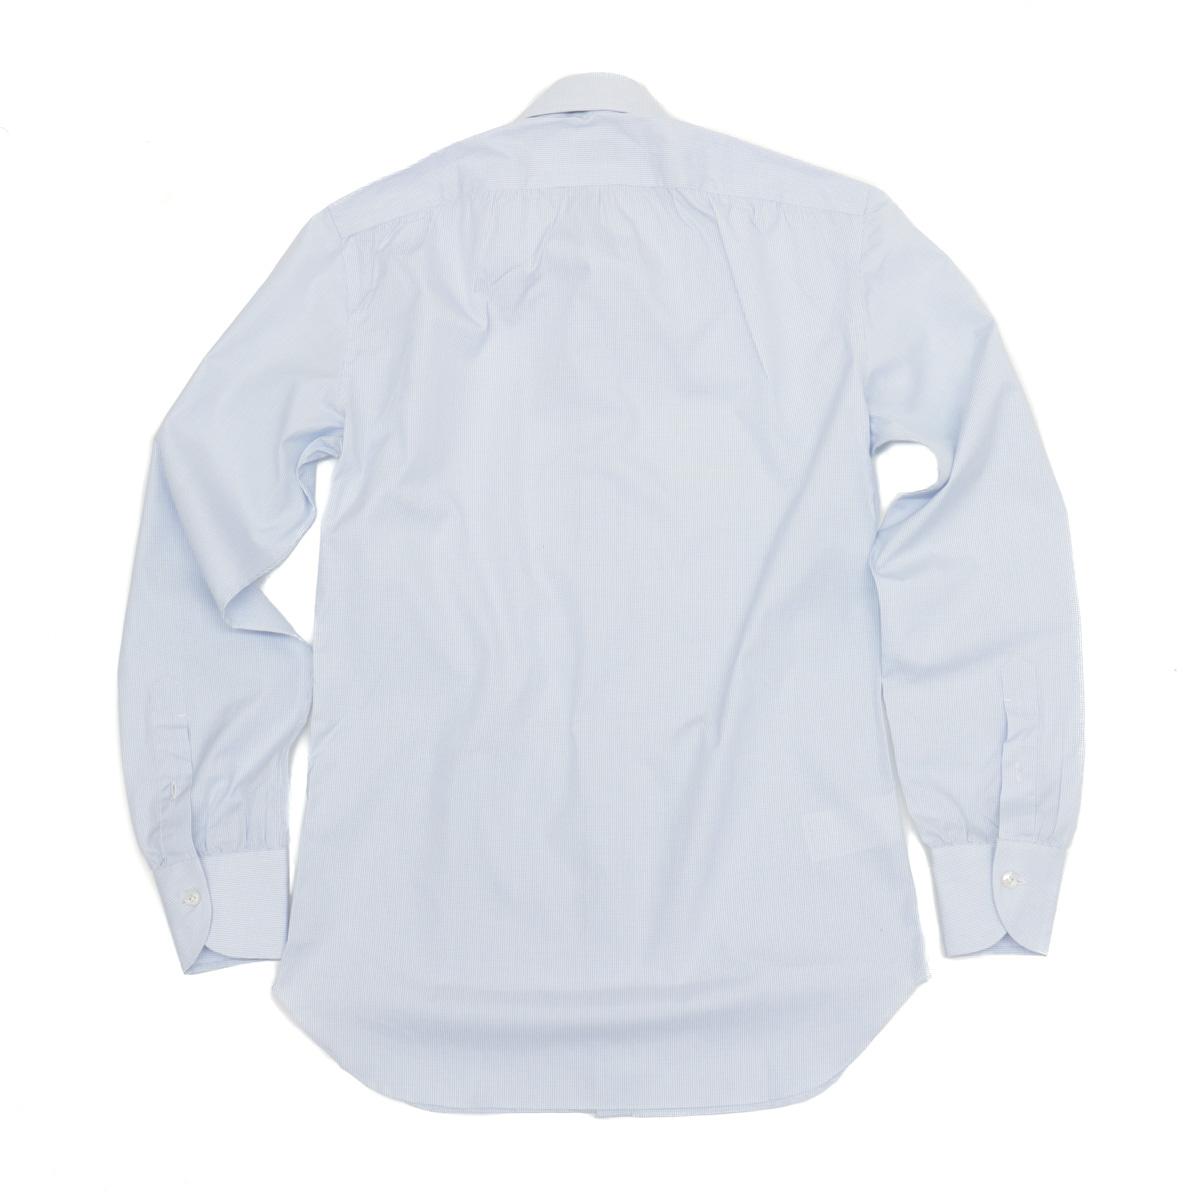 RING JACKET Napoli 9ポイントハンド ラウンドカラー シャツ 【マイクロチェック / サックスブルー】